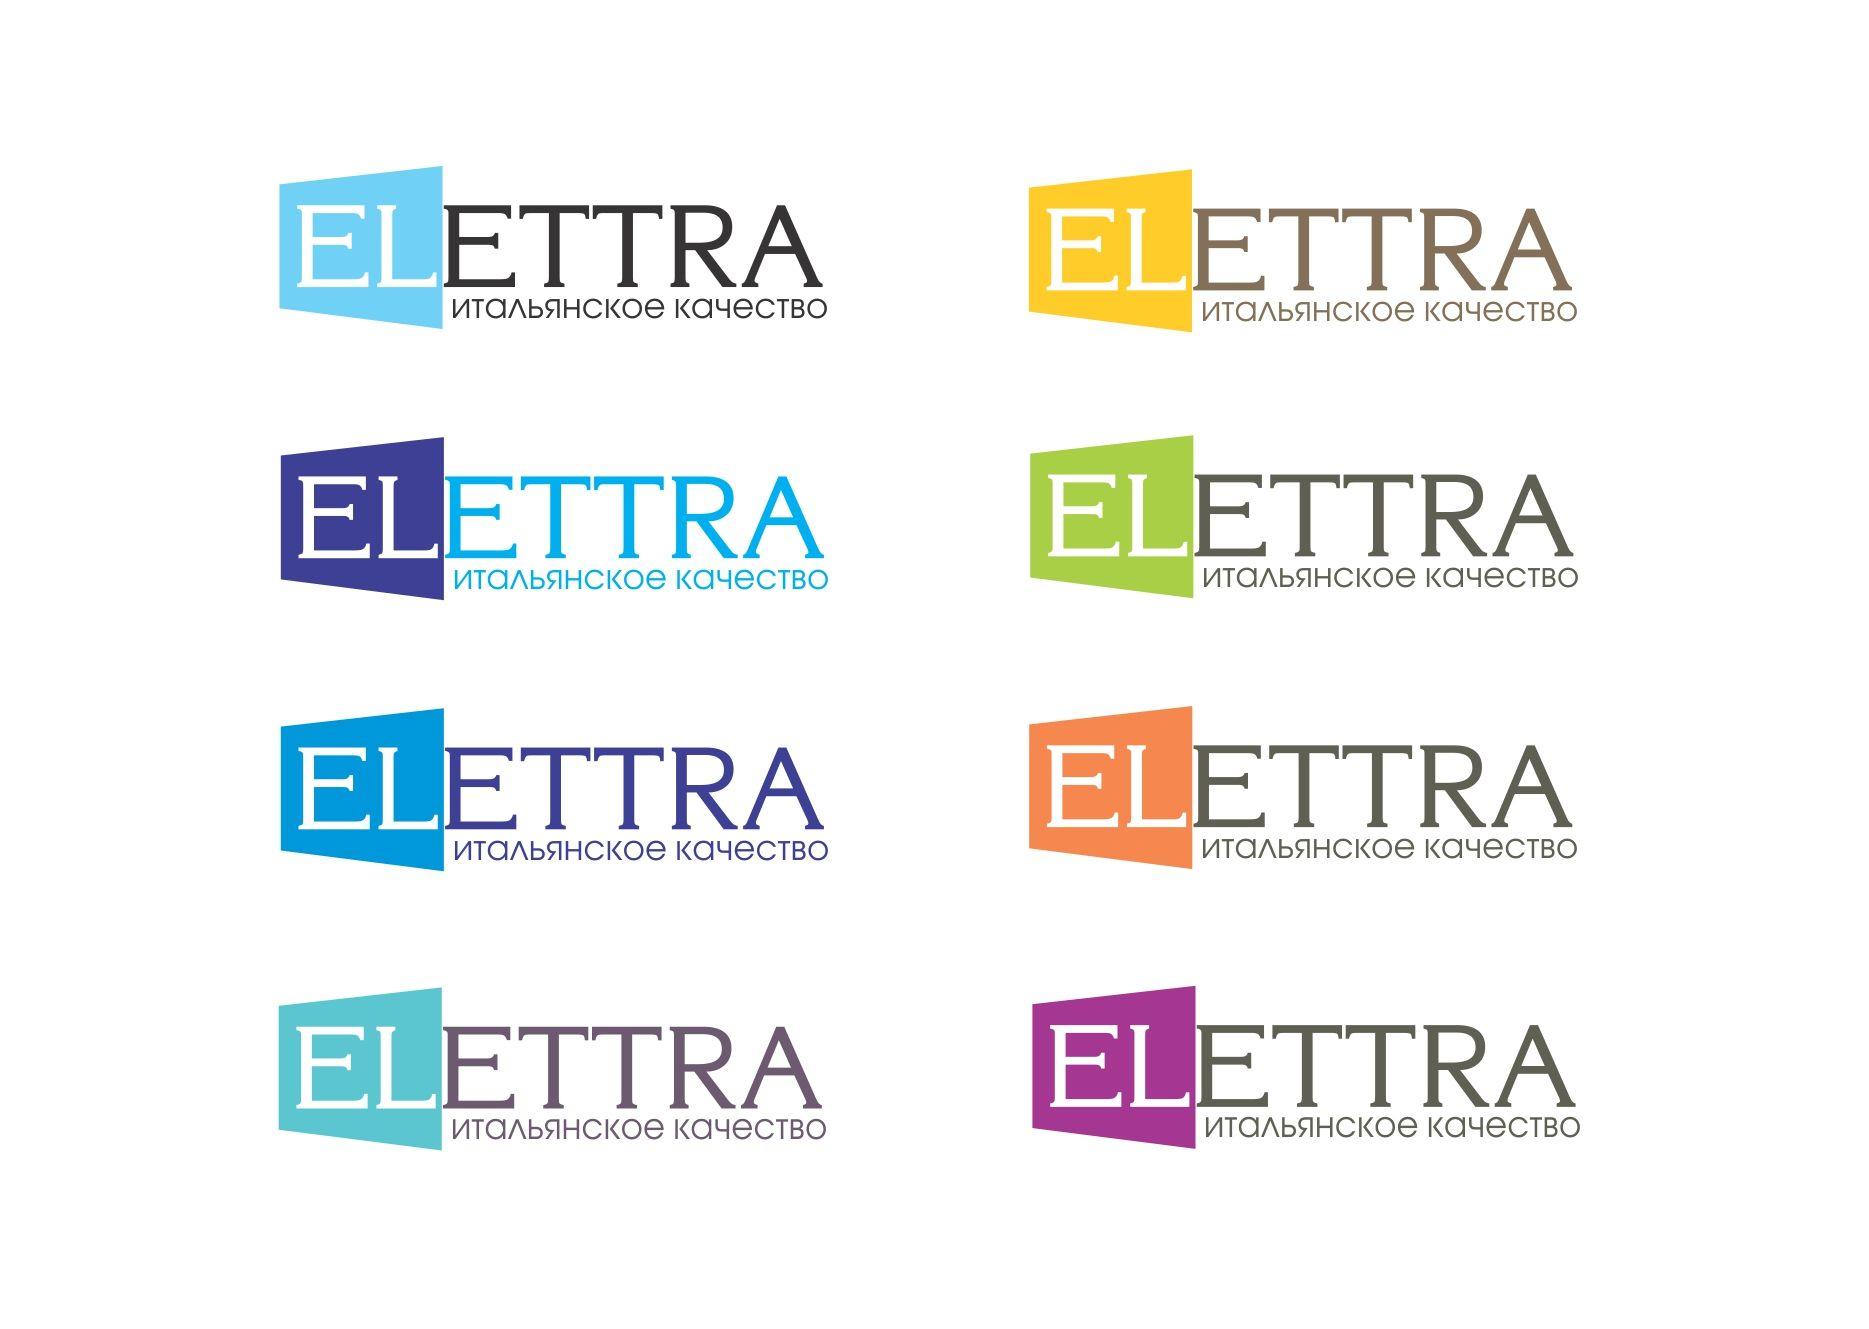 Логотип Elettra - стекольное производство - дизайнер Shmelev